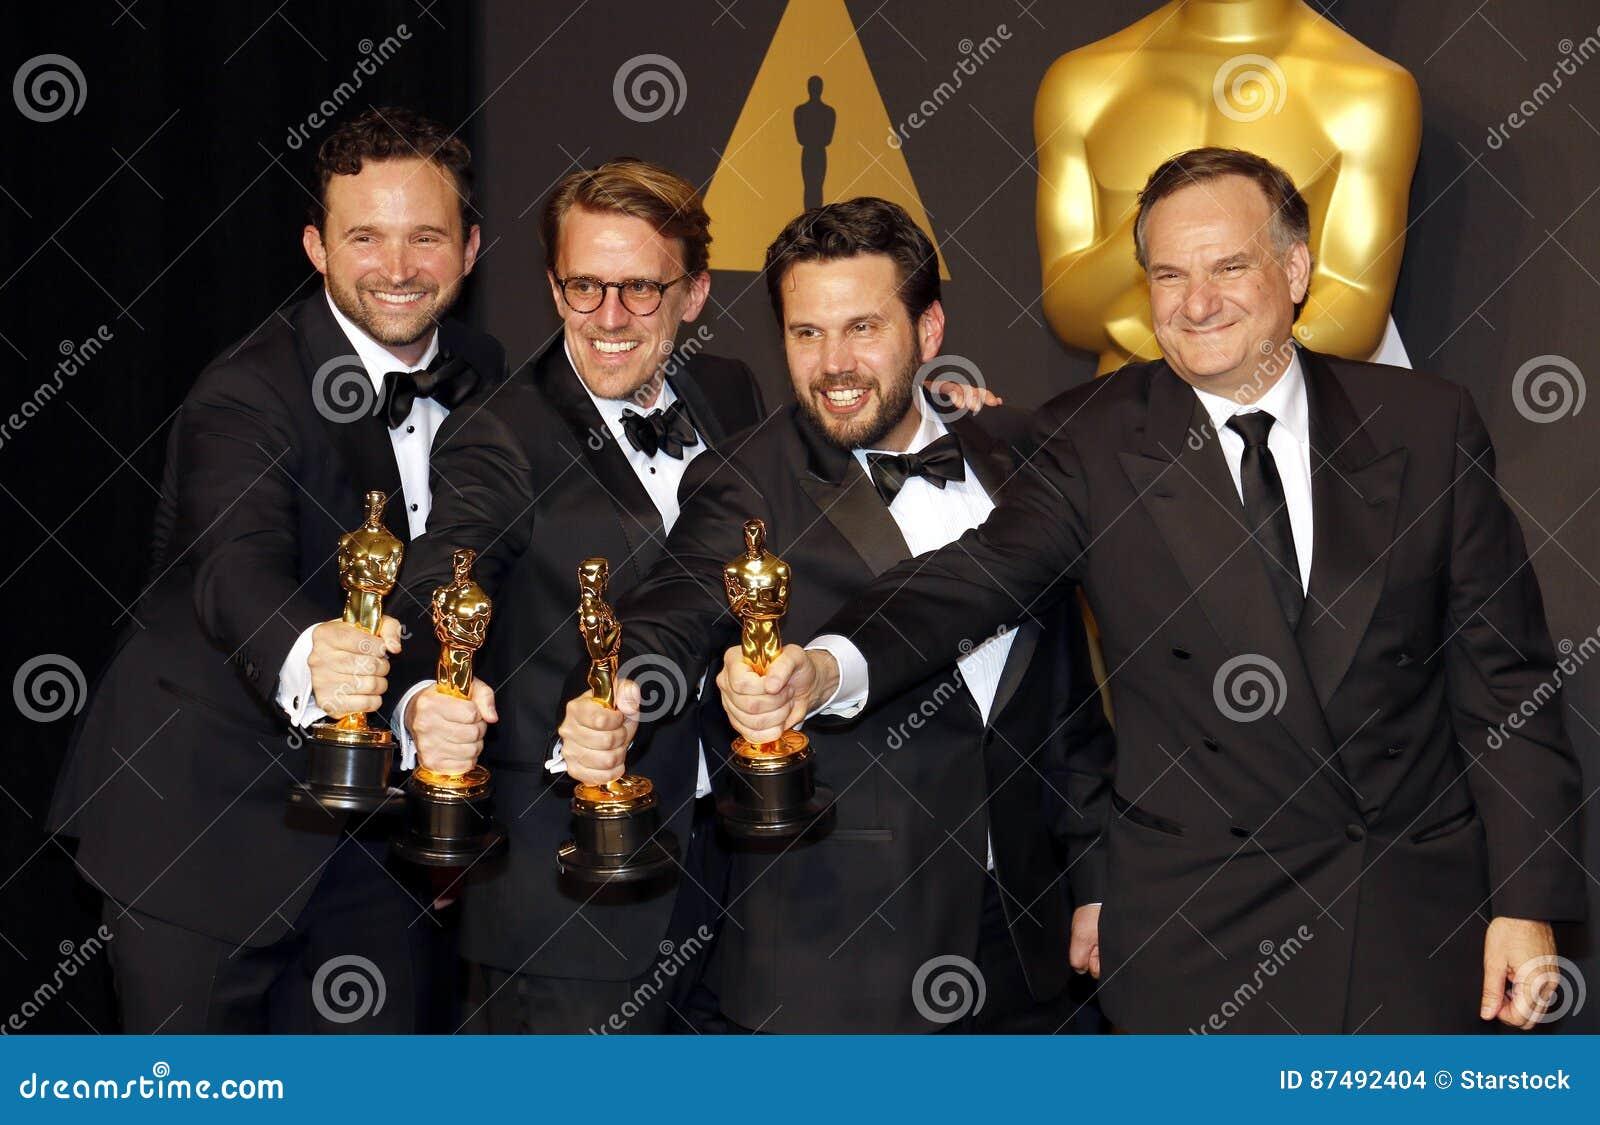 Dan Lemmon, Andrew R. Jones, Adam Valdez and Robert Legato